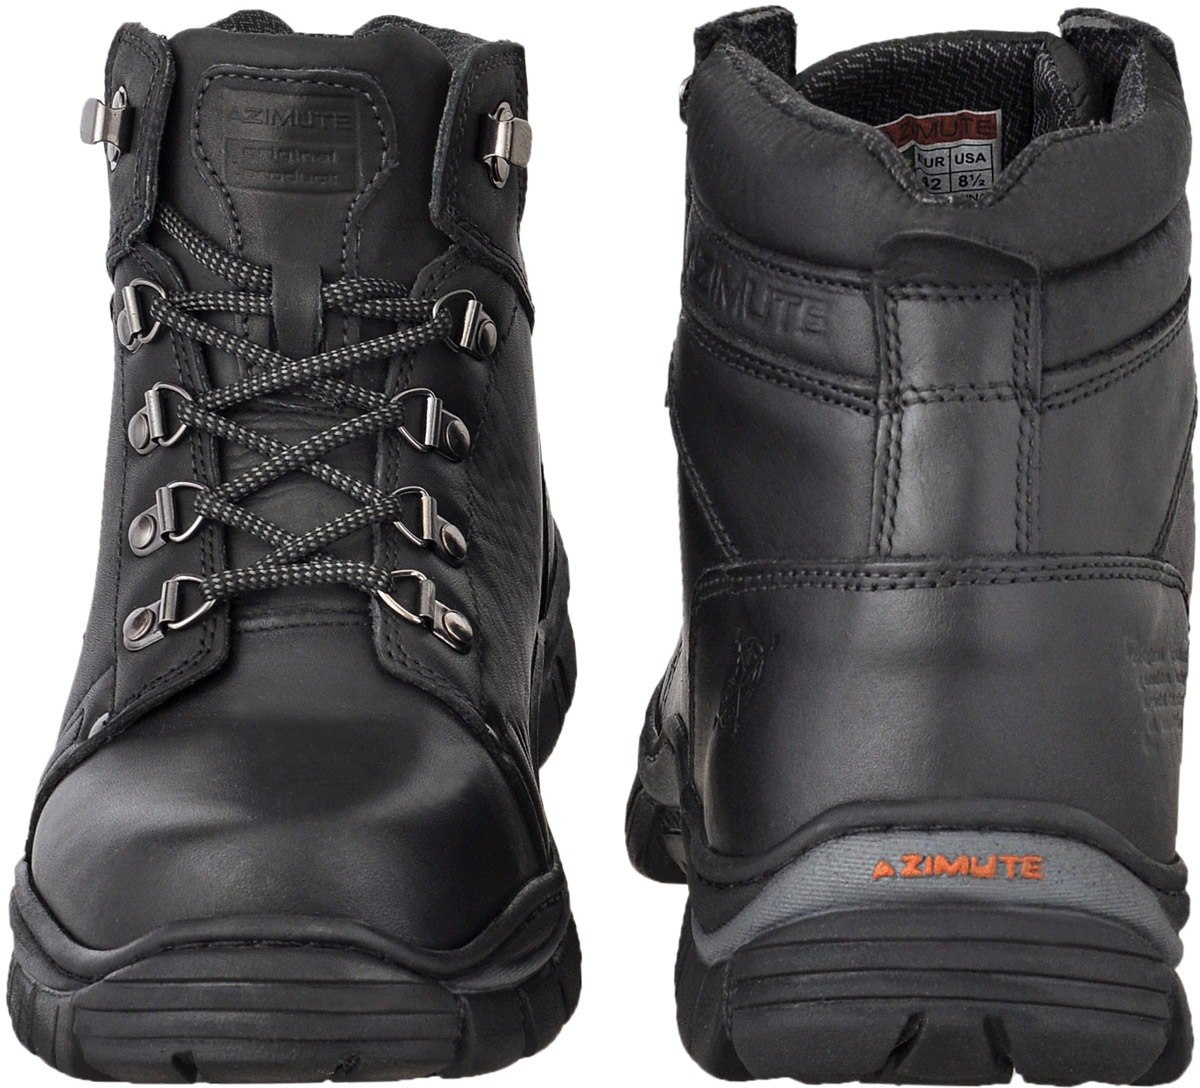 66130ea5c coturno bota masculino adventure azimute em couro ref:910. Carregando zoom.